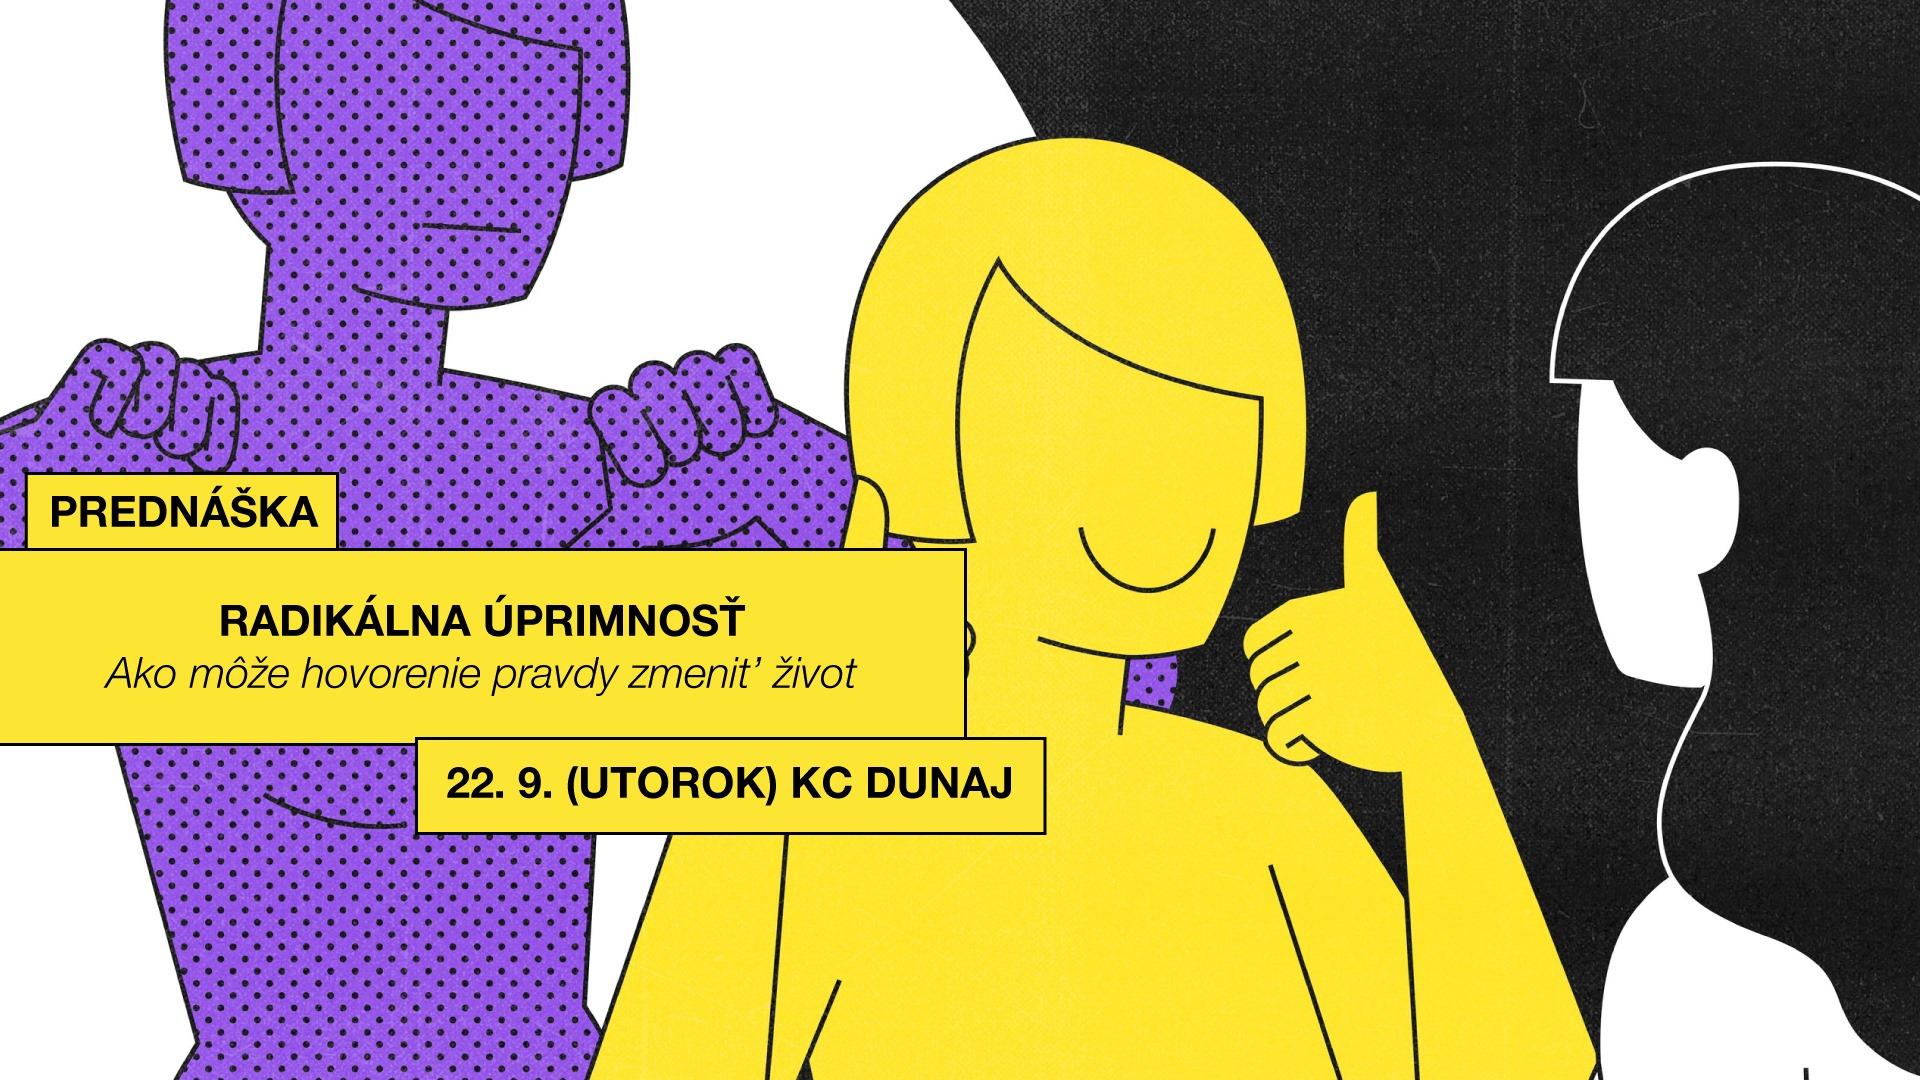 Radikálna úprimnosť — Prednáška | KC Dunaj~